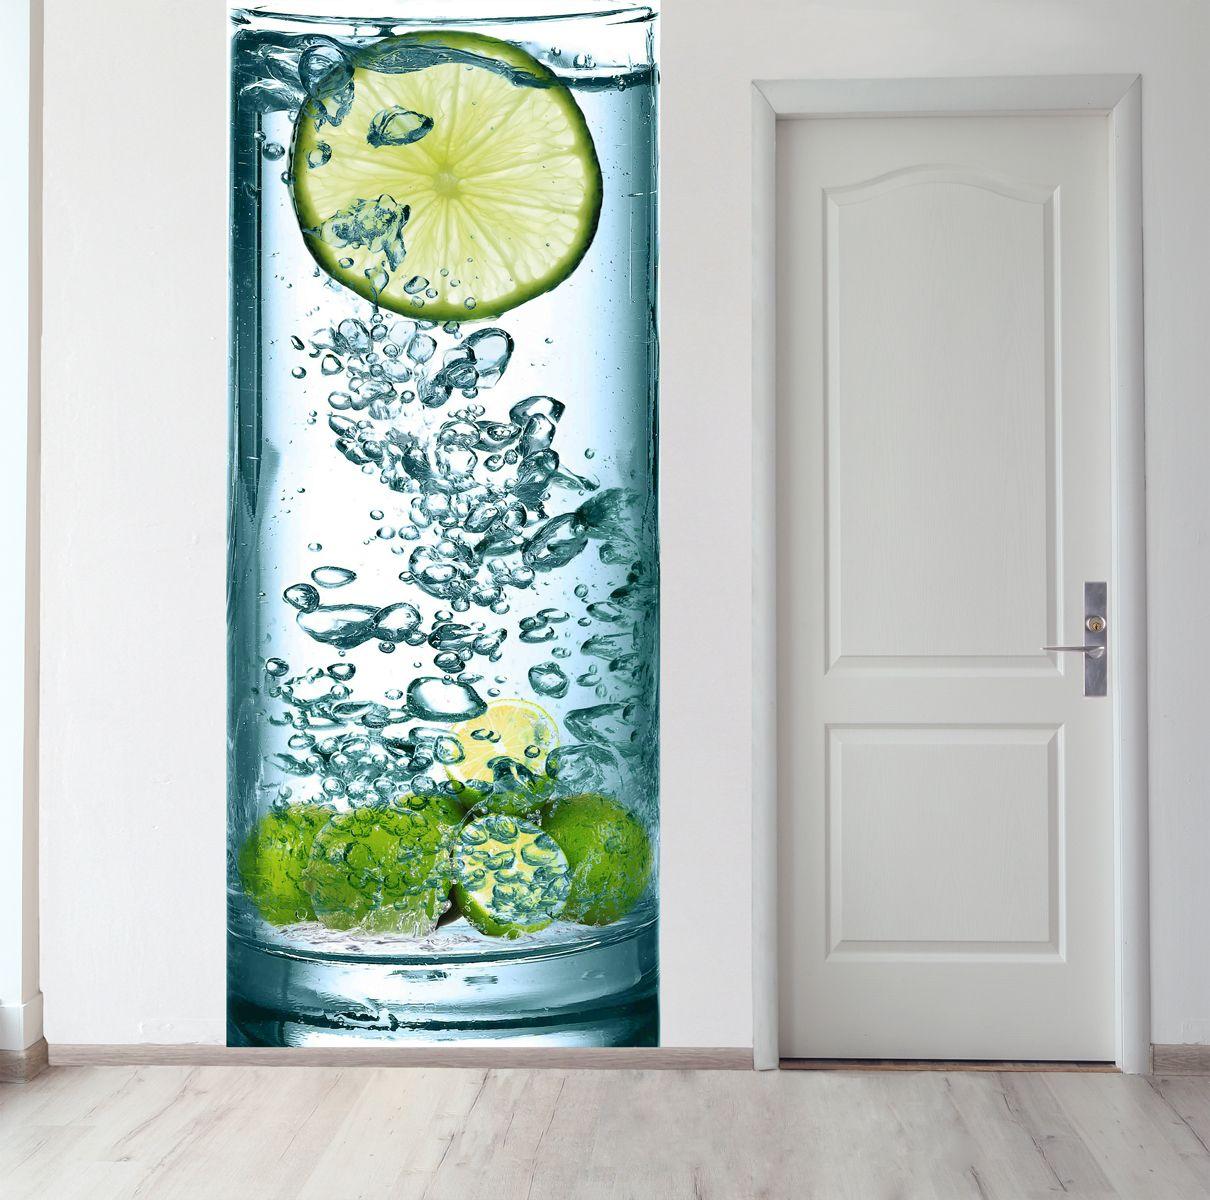 Панно на стену -Lime магазин Интерьерные наклейки